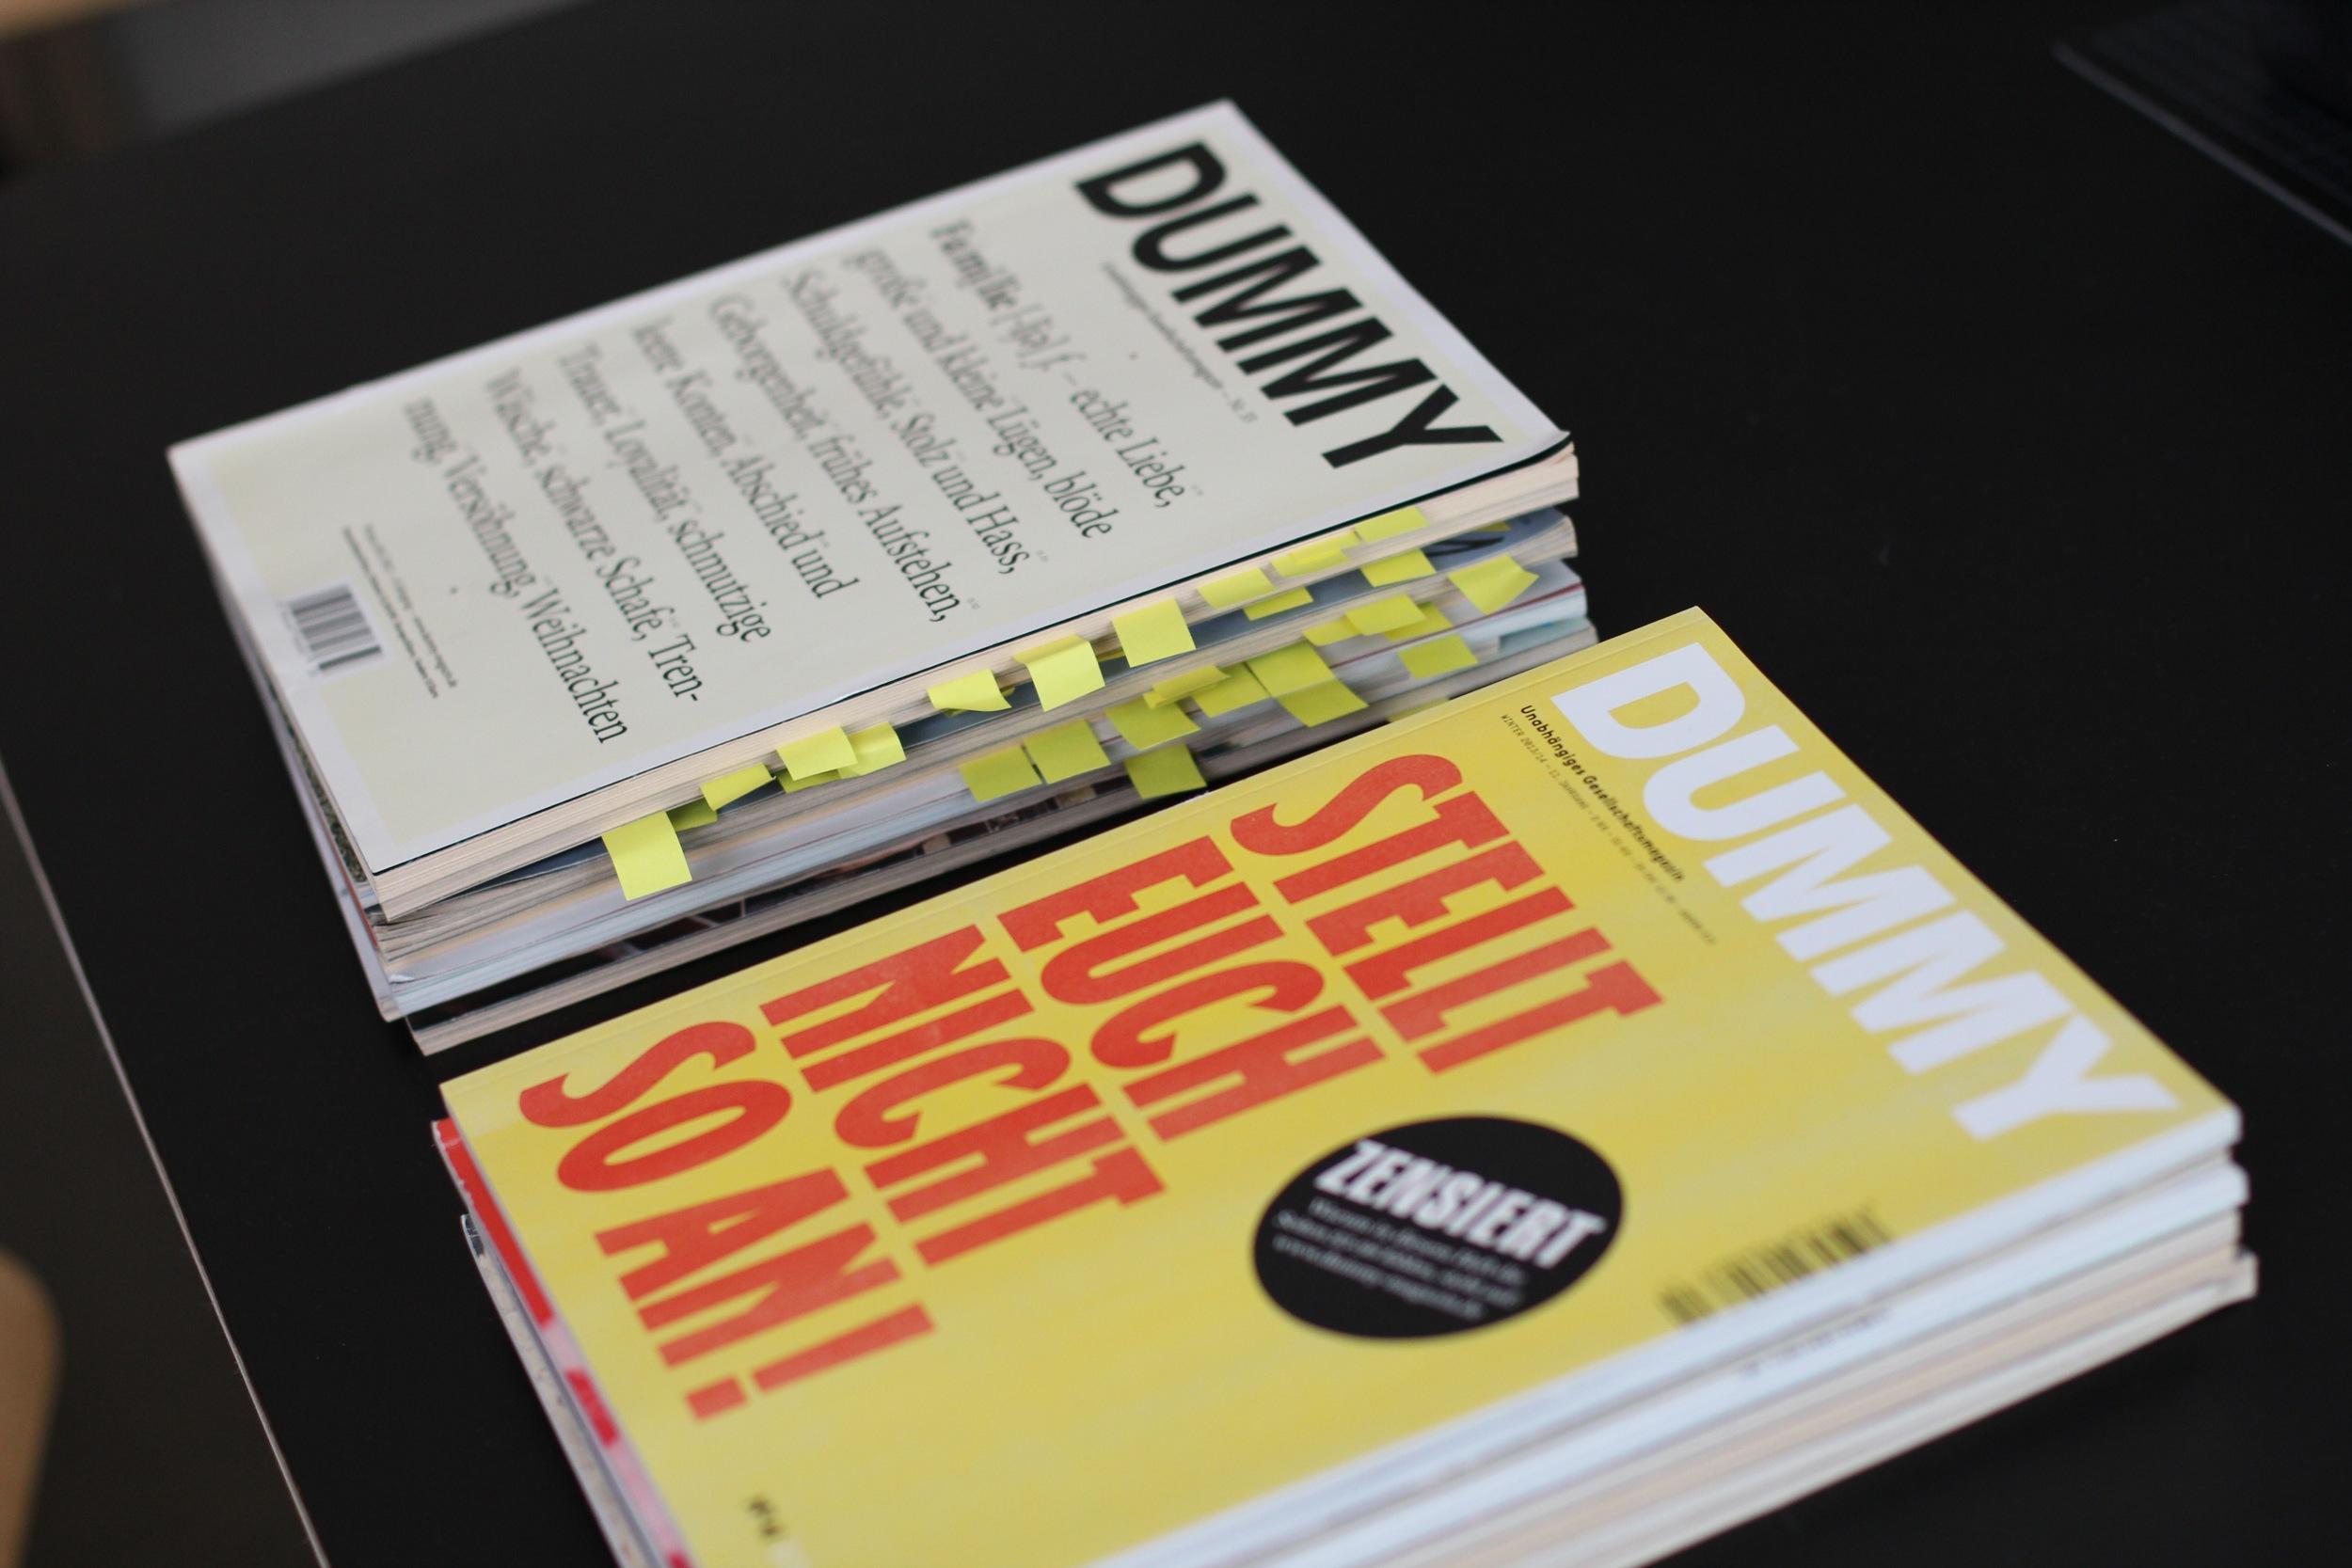 Zwei Stapel Ausgaben des ganz hervorragenden DUMMY-Magazins. In einem Stapel waren in jedem Heft ausgewählte Artikel mit Post-is markiert, im anderen nicht.